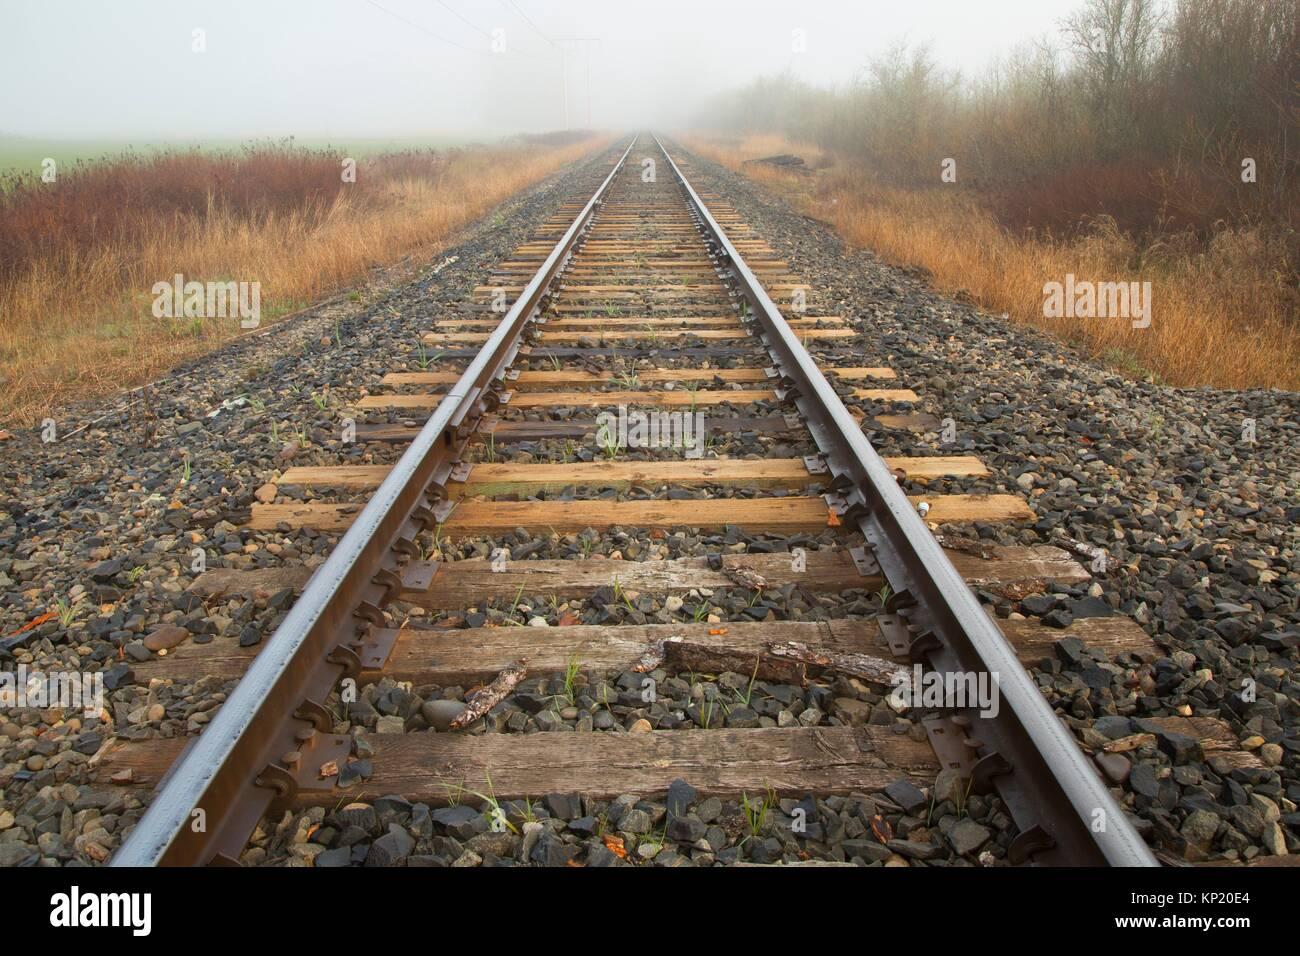 Railroad track, Ankeny National Wildlife Refuge, Oregon. - Stock Image